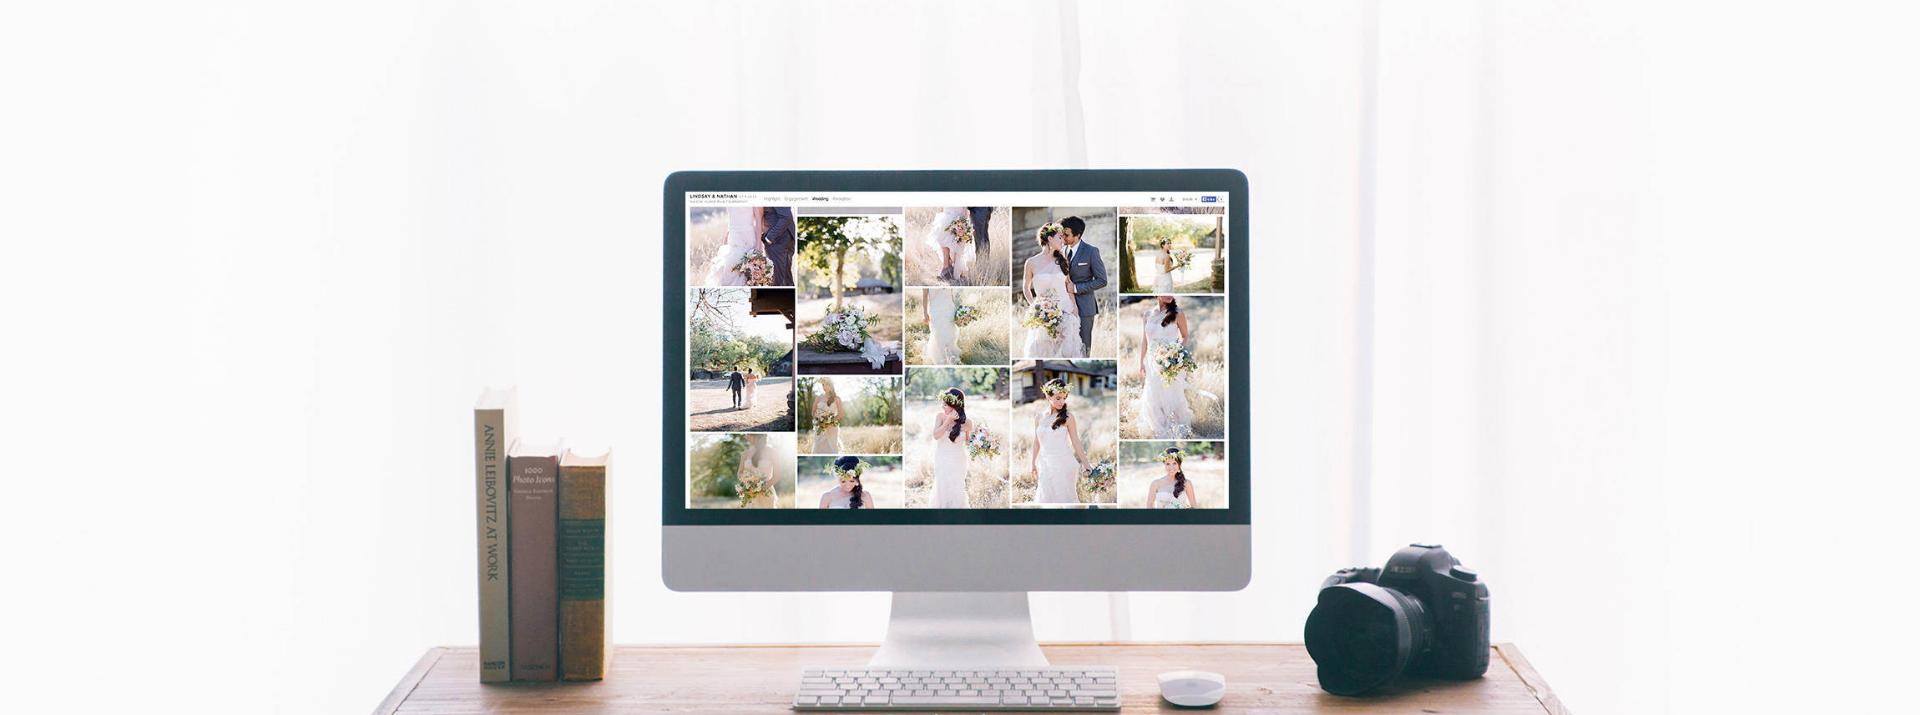 Le téléchargement de la galerie photo de votre mariage